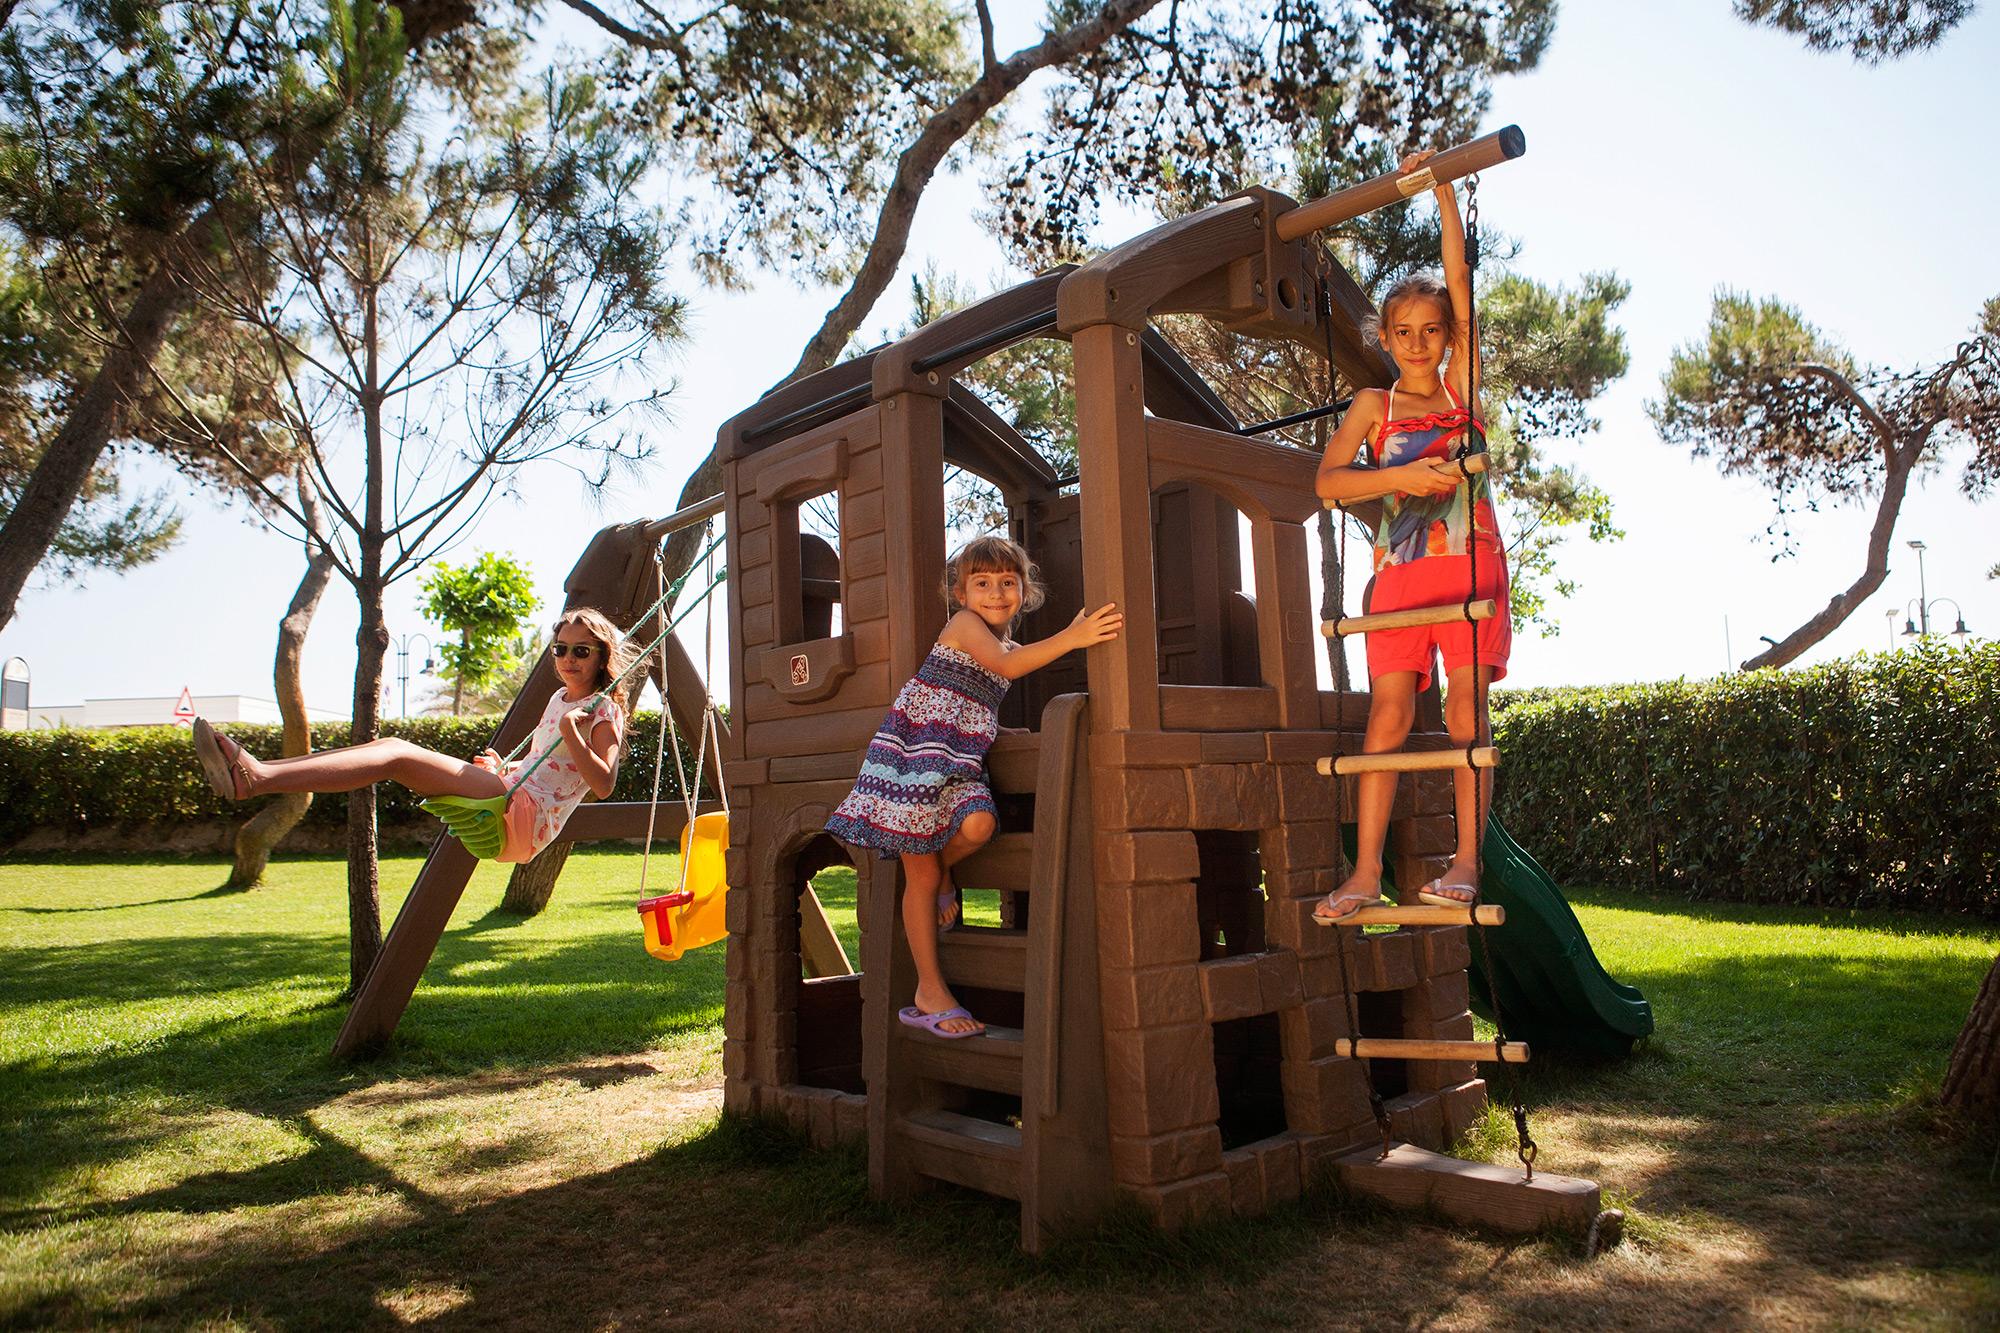 Sala Giochi Per Bambini : Hotel bambini gratis giulianova offerte bimbi abruzzo mare hotel